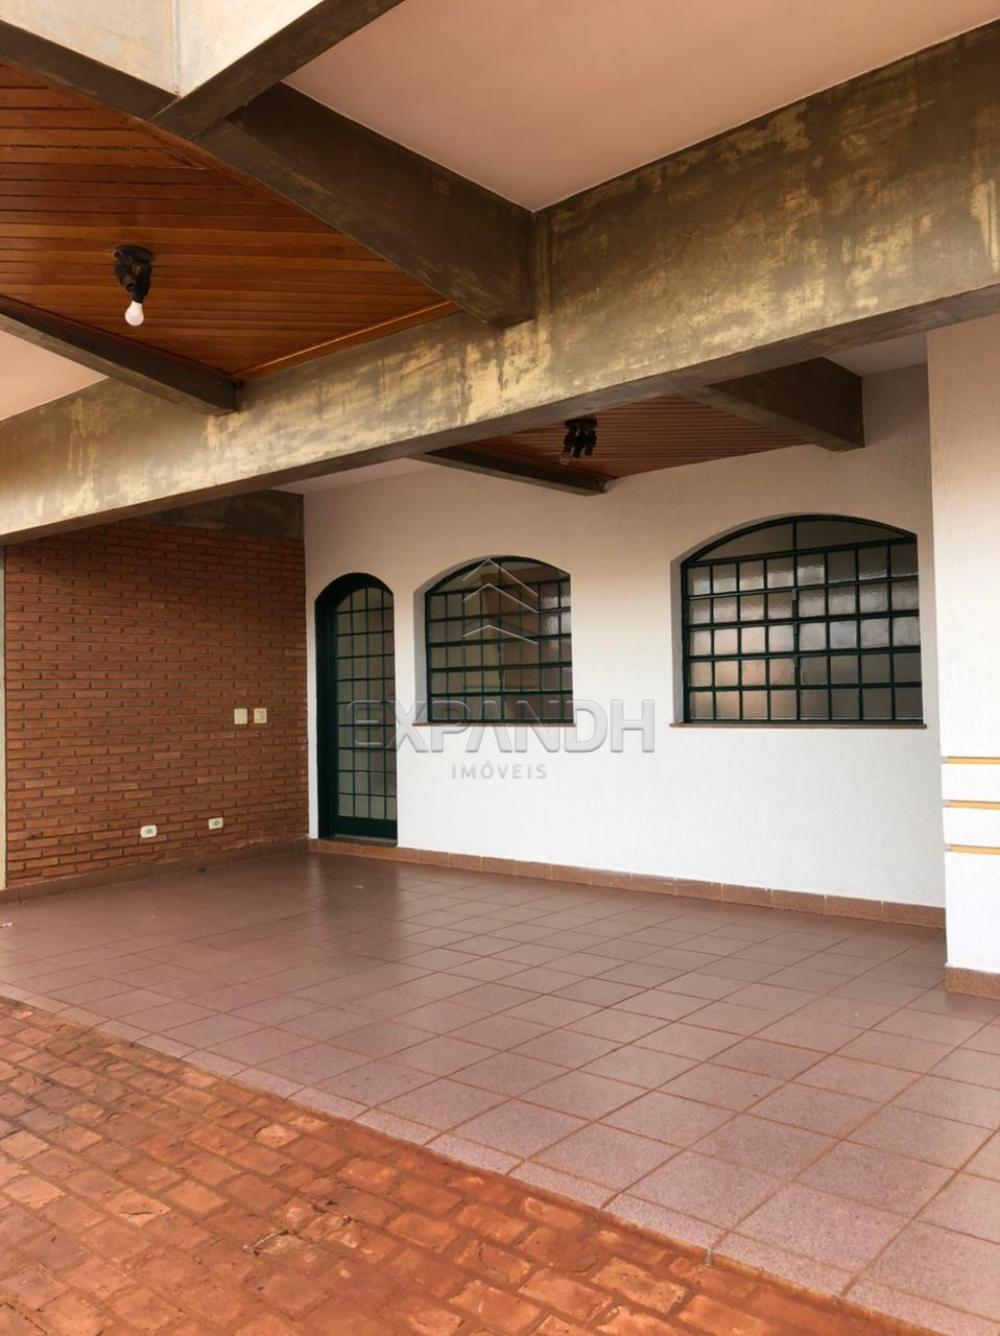 Alugar Casas / Padrão em Sertãozinho R$ 2.700,00 - Foto 3